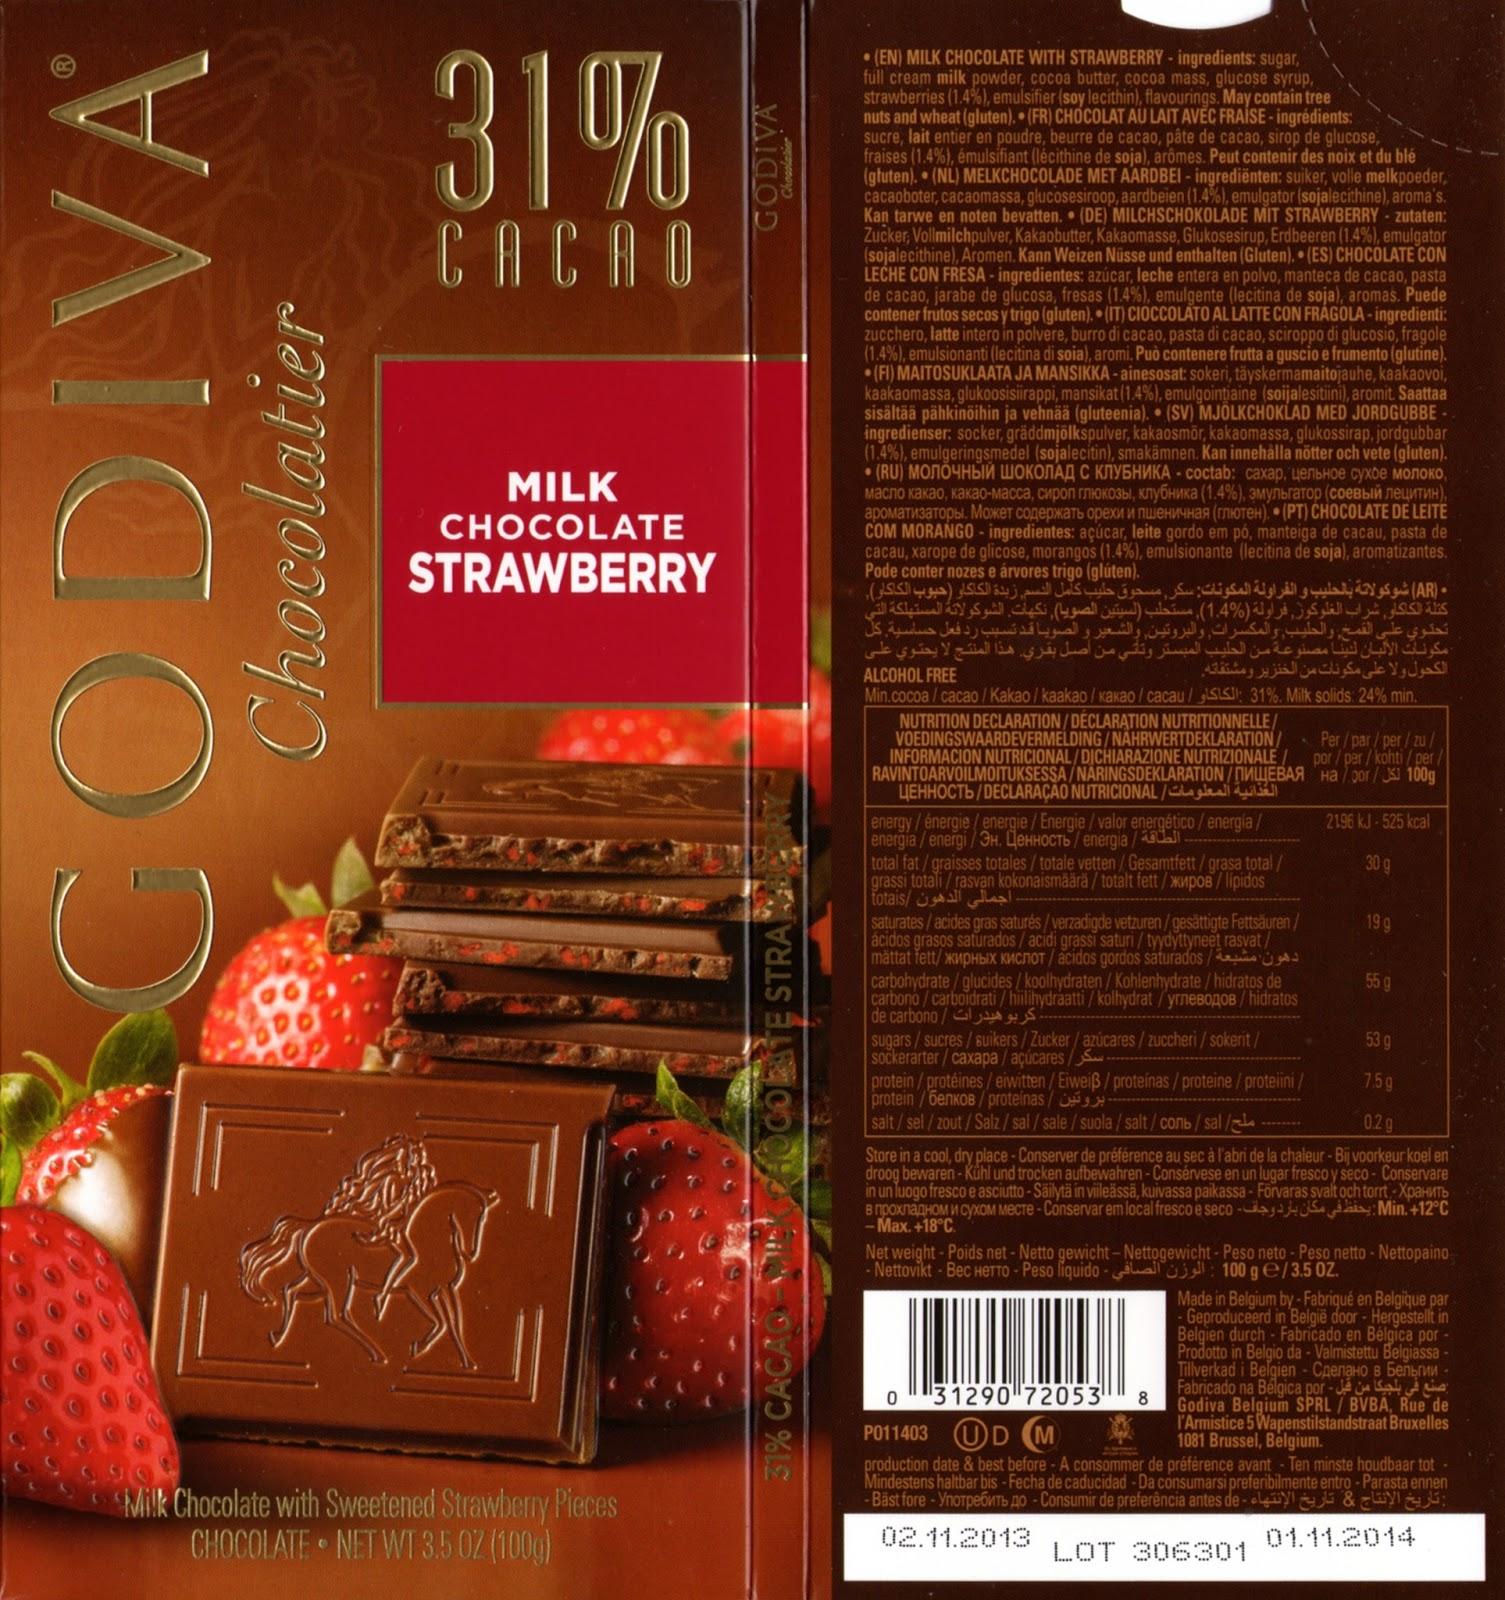 tablette de chocolat lait gourmand godiva lait fraise